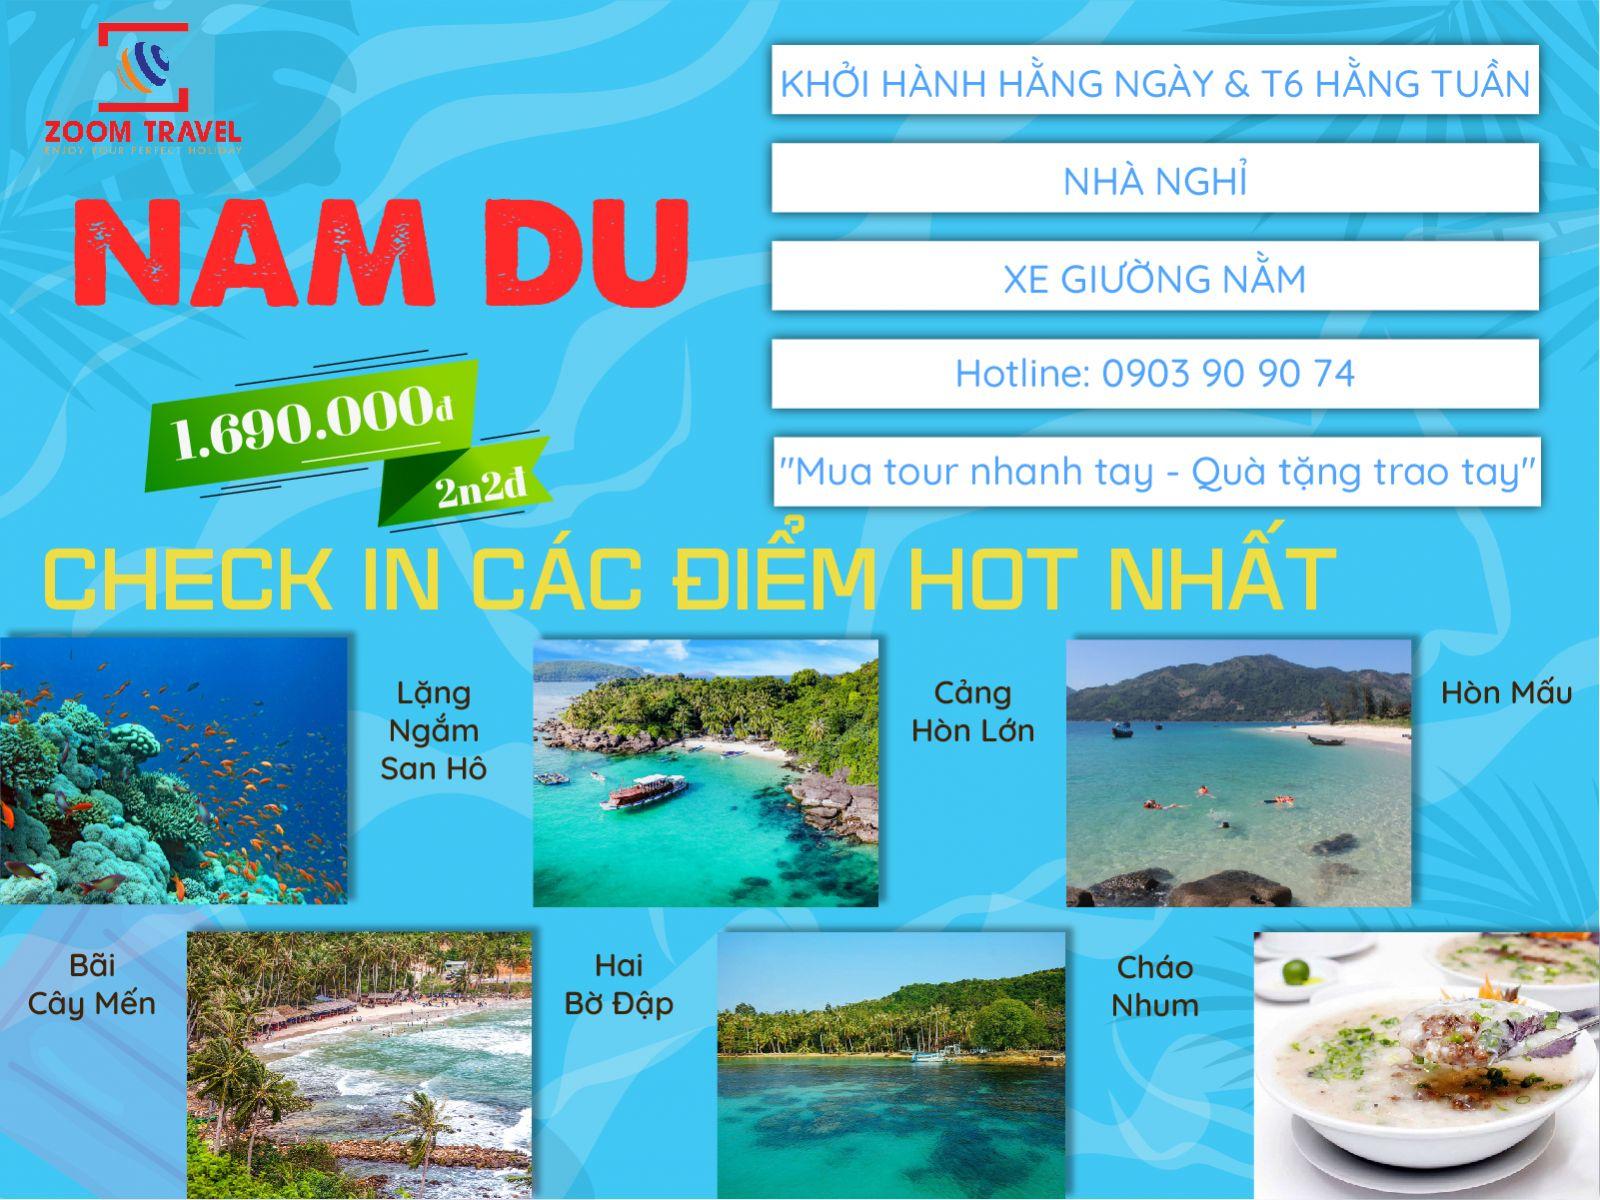 Tour Nam Du 2N2Đ